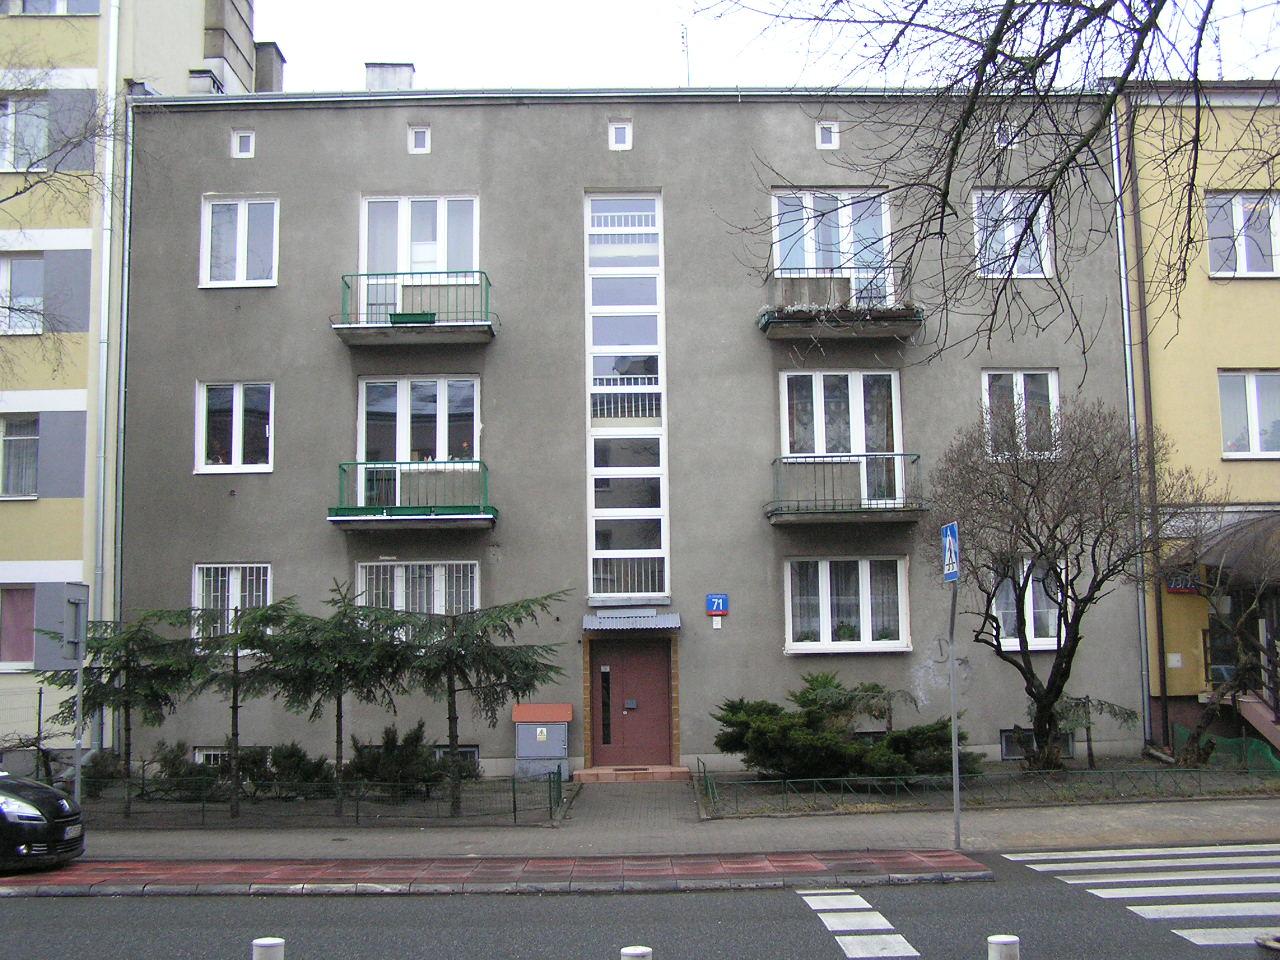 Budynek przy ulicu Grenadierów 71 na Grochowie